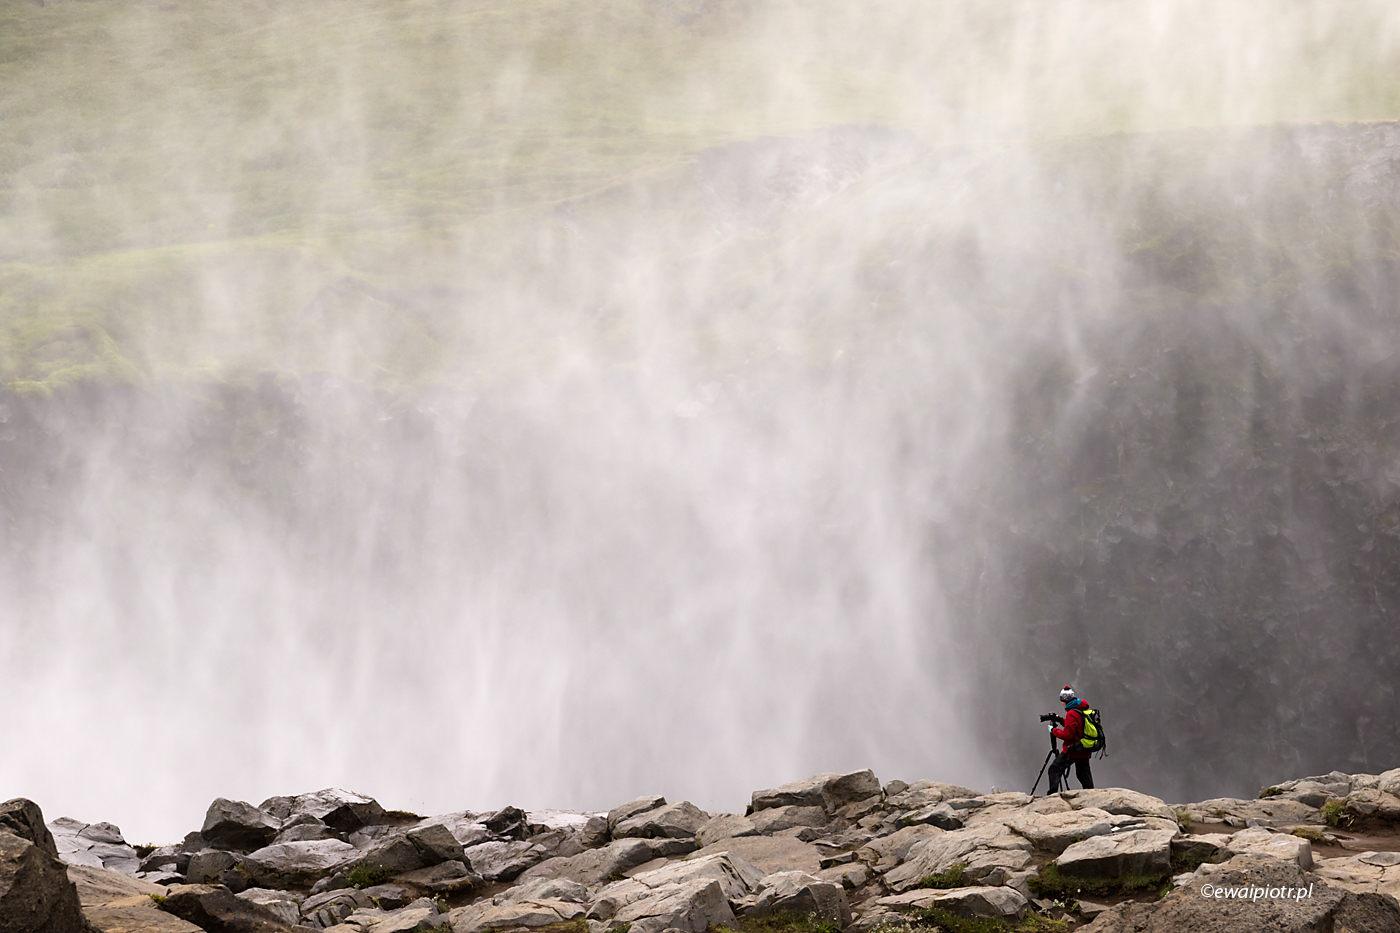 Nad wodospadem Dettifoss, Islandia, jak dużo się chodzi na warsztatach fotograficznych